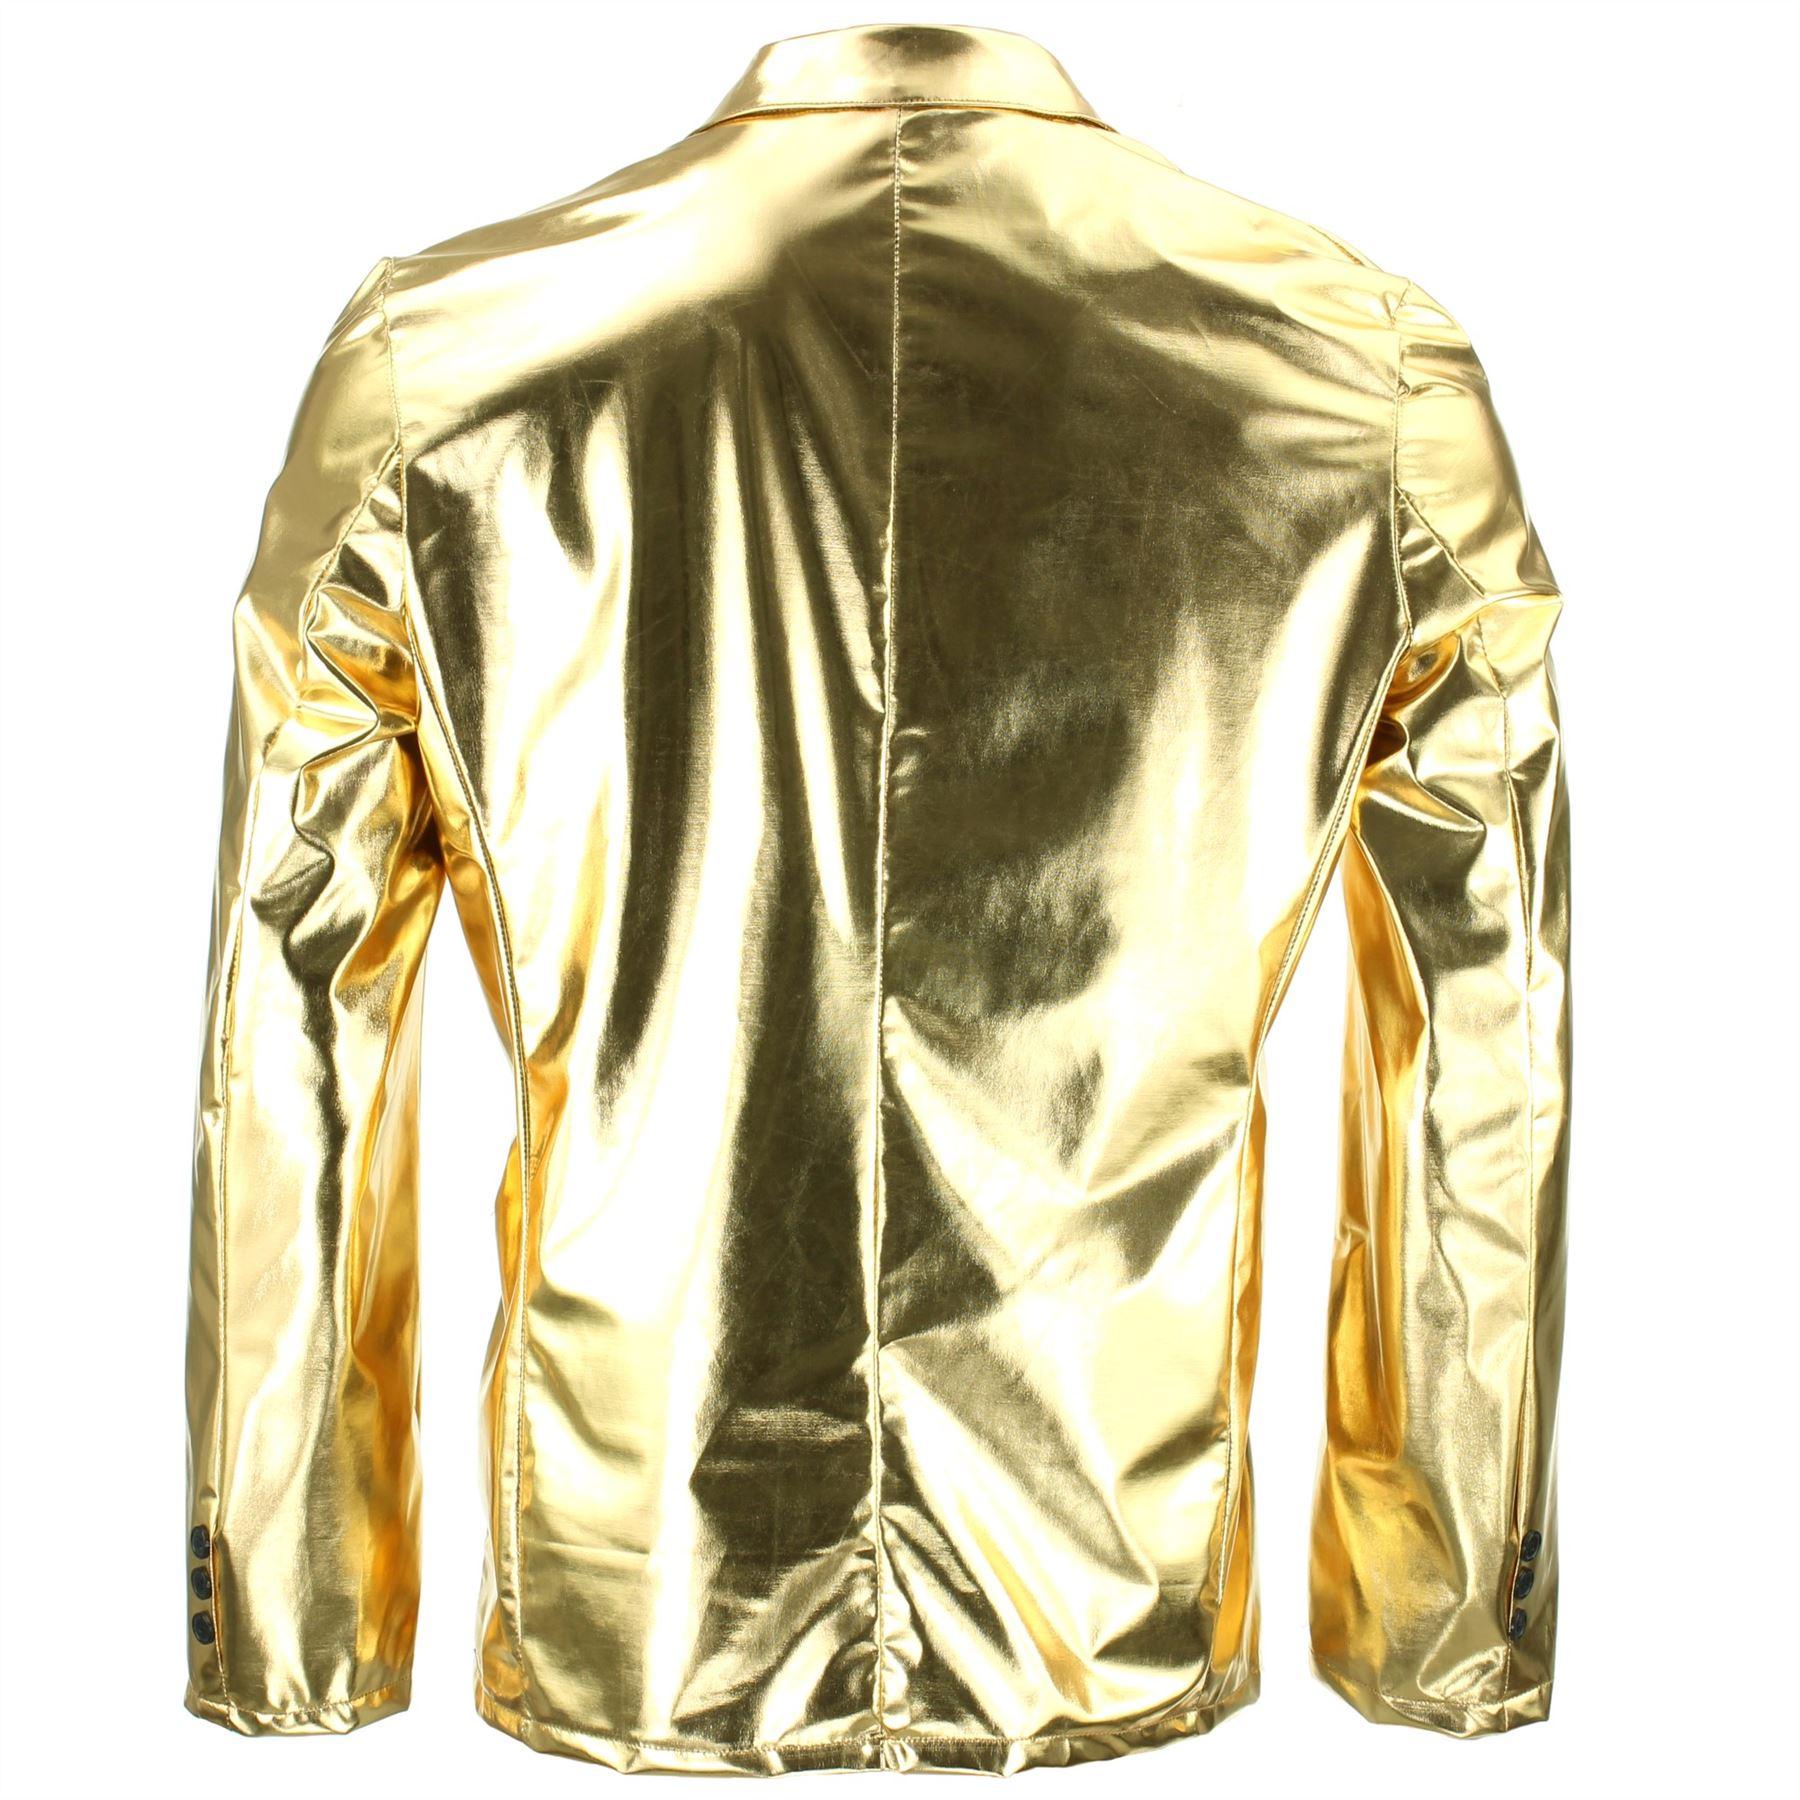 Shiny-Metallic-Blazer-Firefly-Waistcoat-Party-Dressing-up thumbnail 3